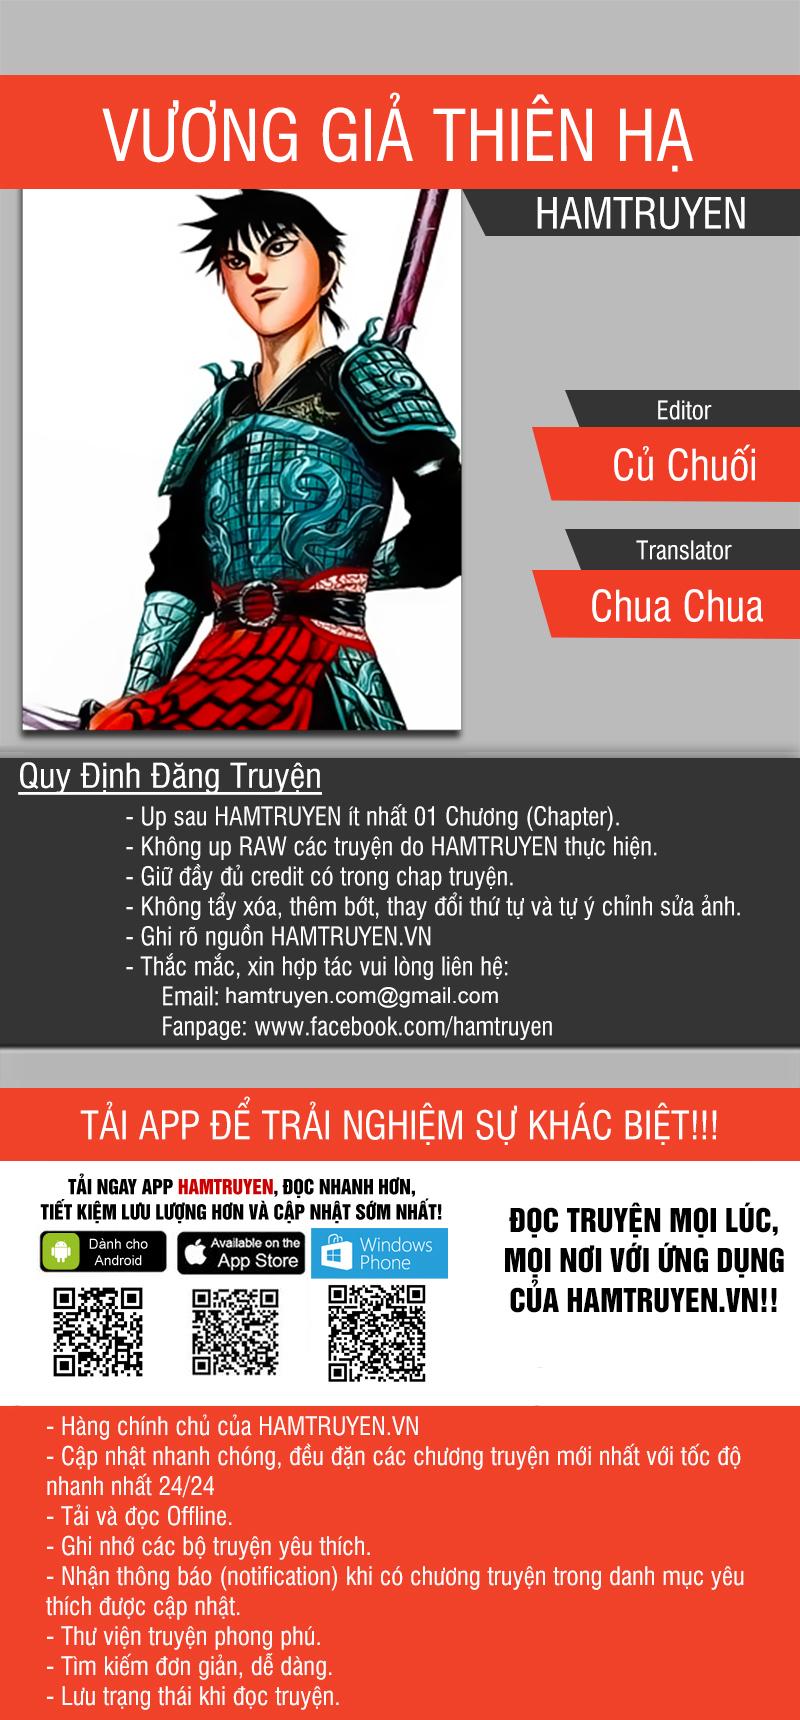 Kingdom - Vương Giả Thiên Hạ (HT) Chapter 509 - Hamtruyen.vn